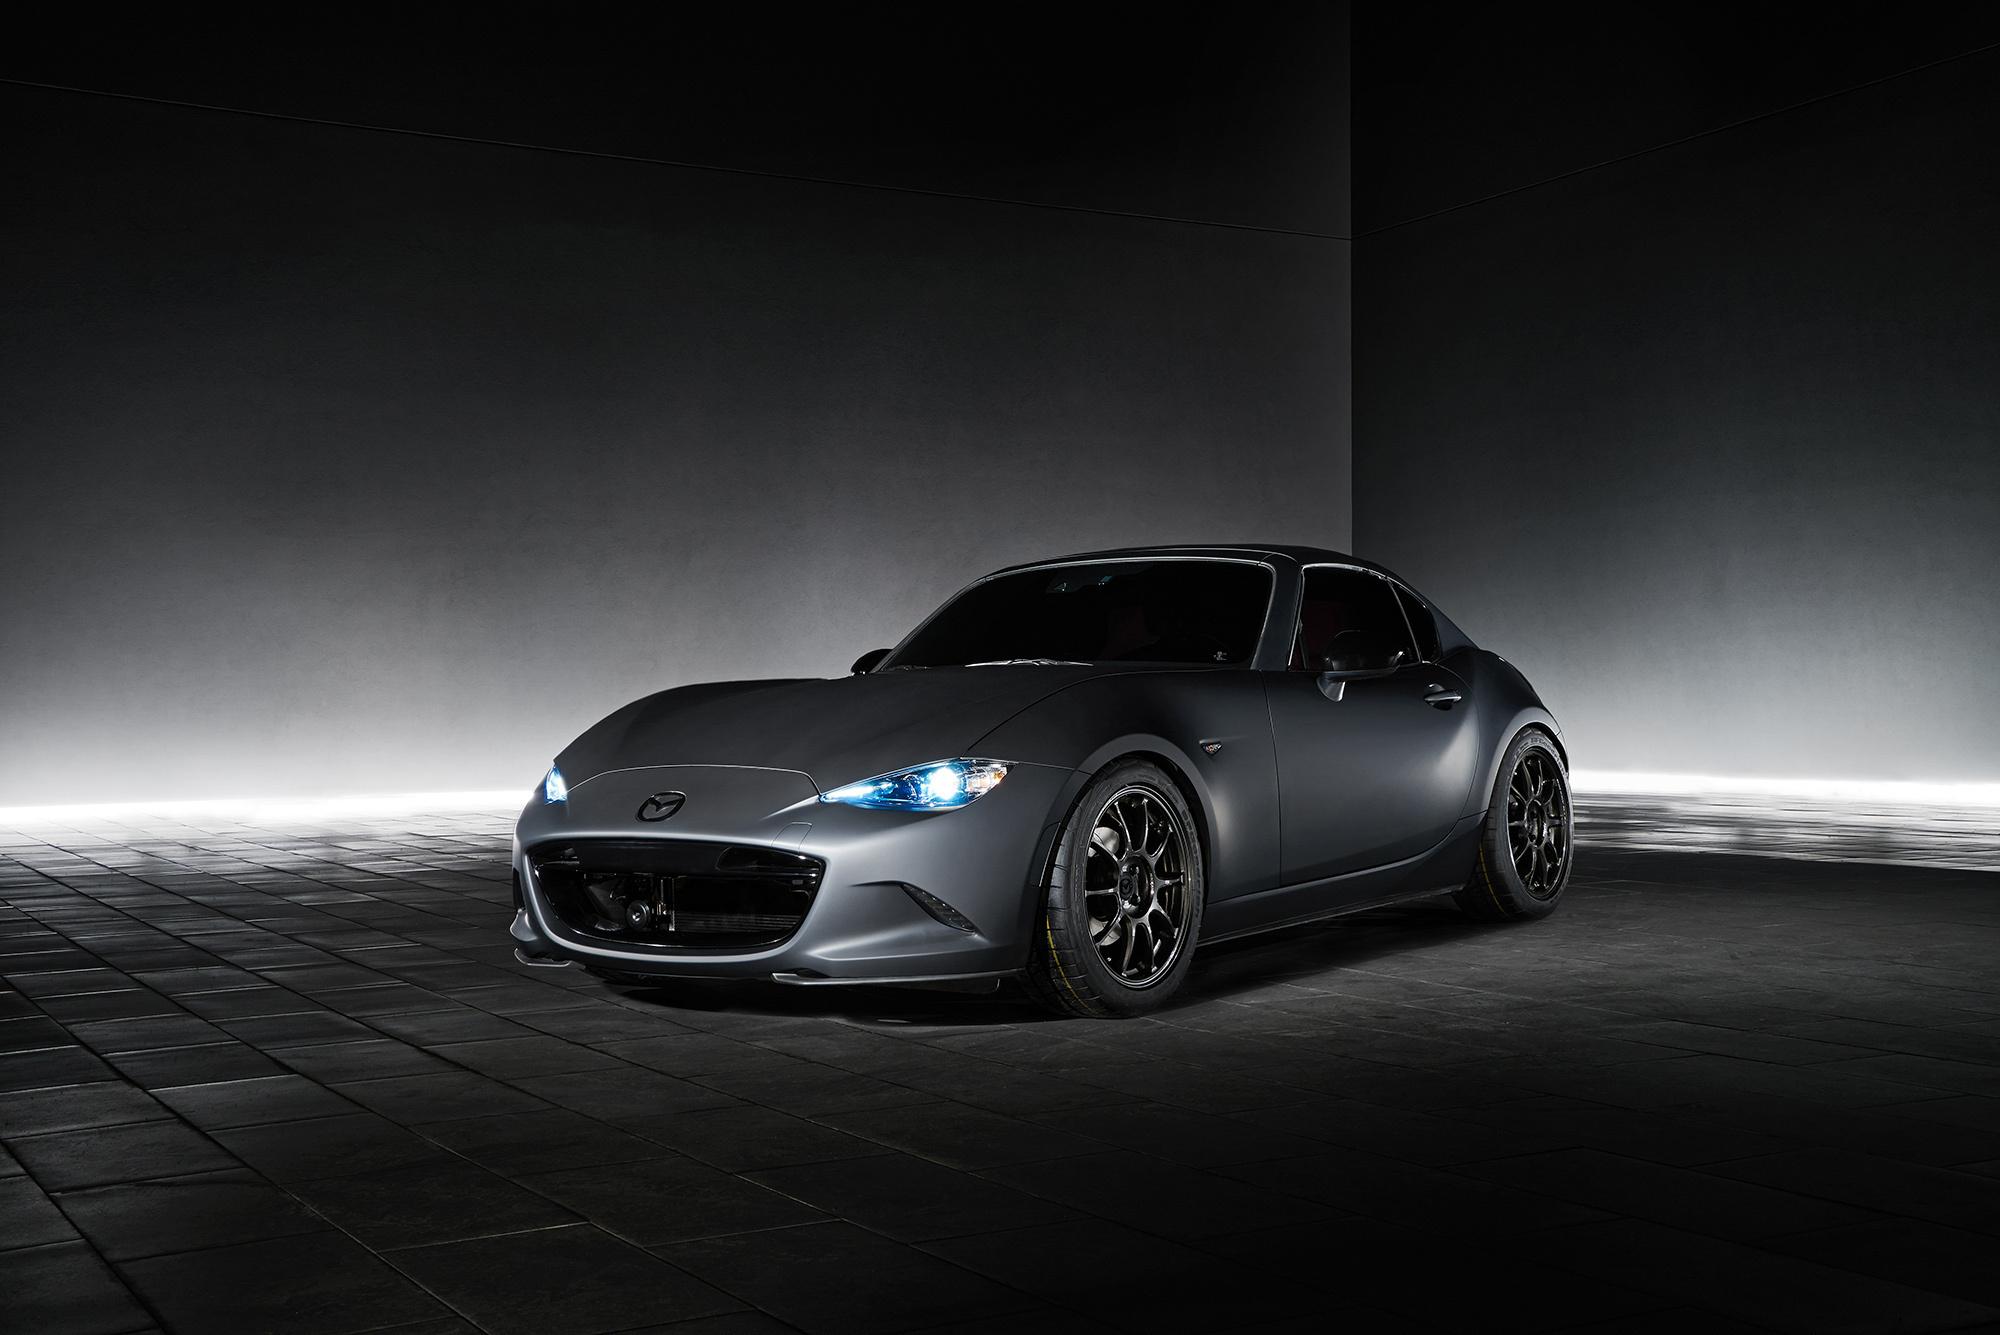 Mazda Mx 5 Roadster Wallpaper